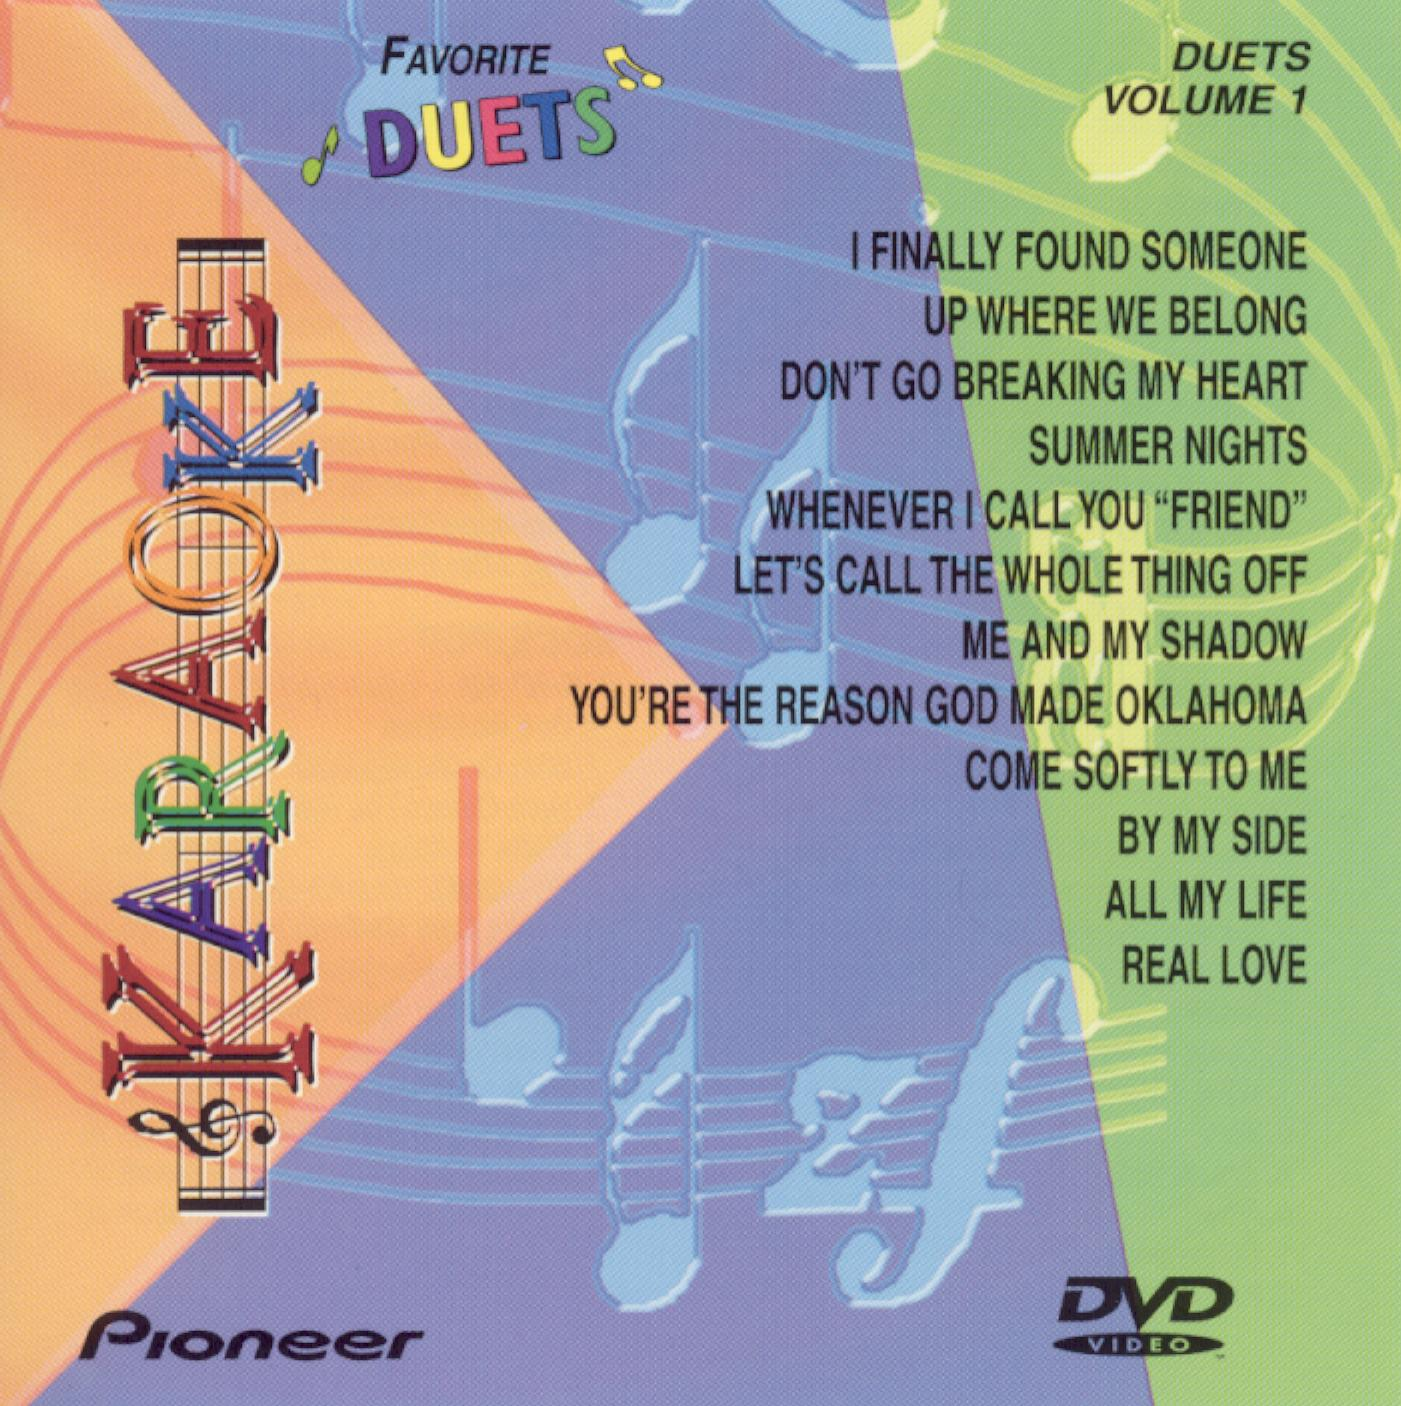 Karaoke: Favorite Duets, Vol. 1 (1999)